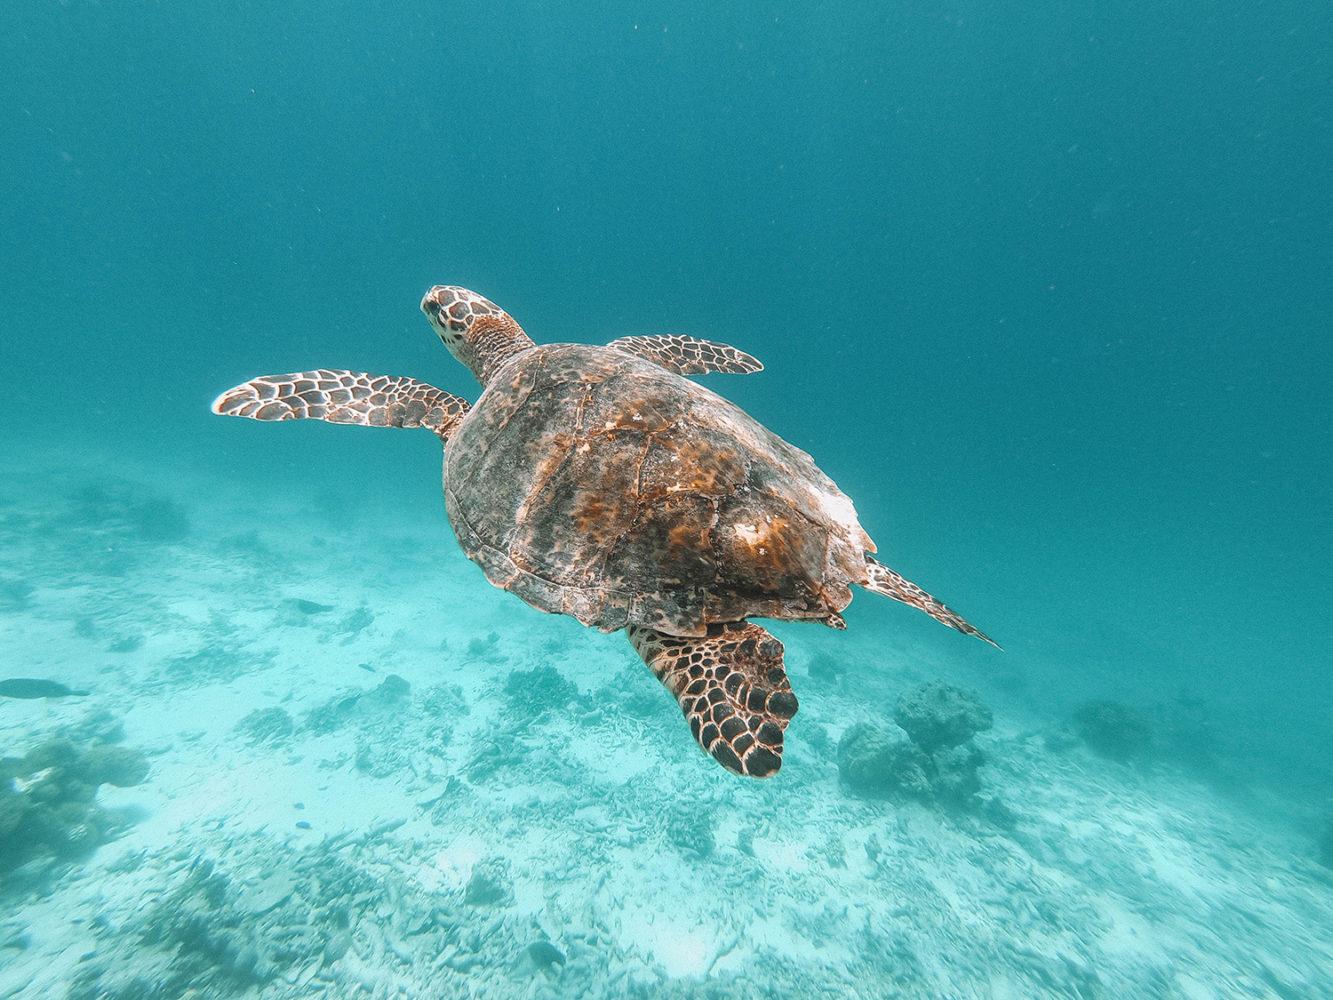 Notre amie du séjour aux Maldives